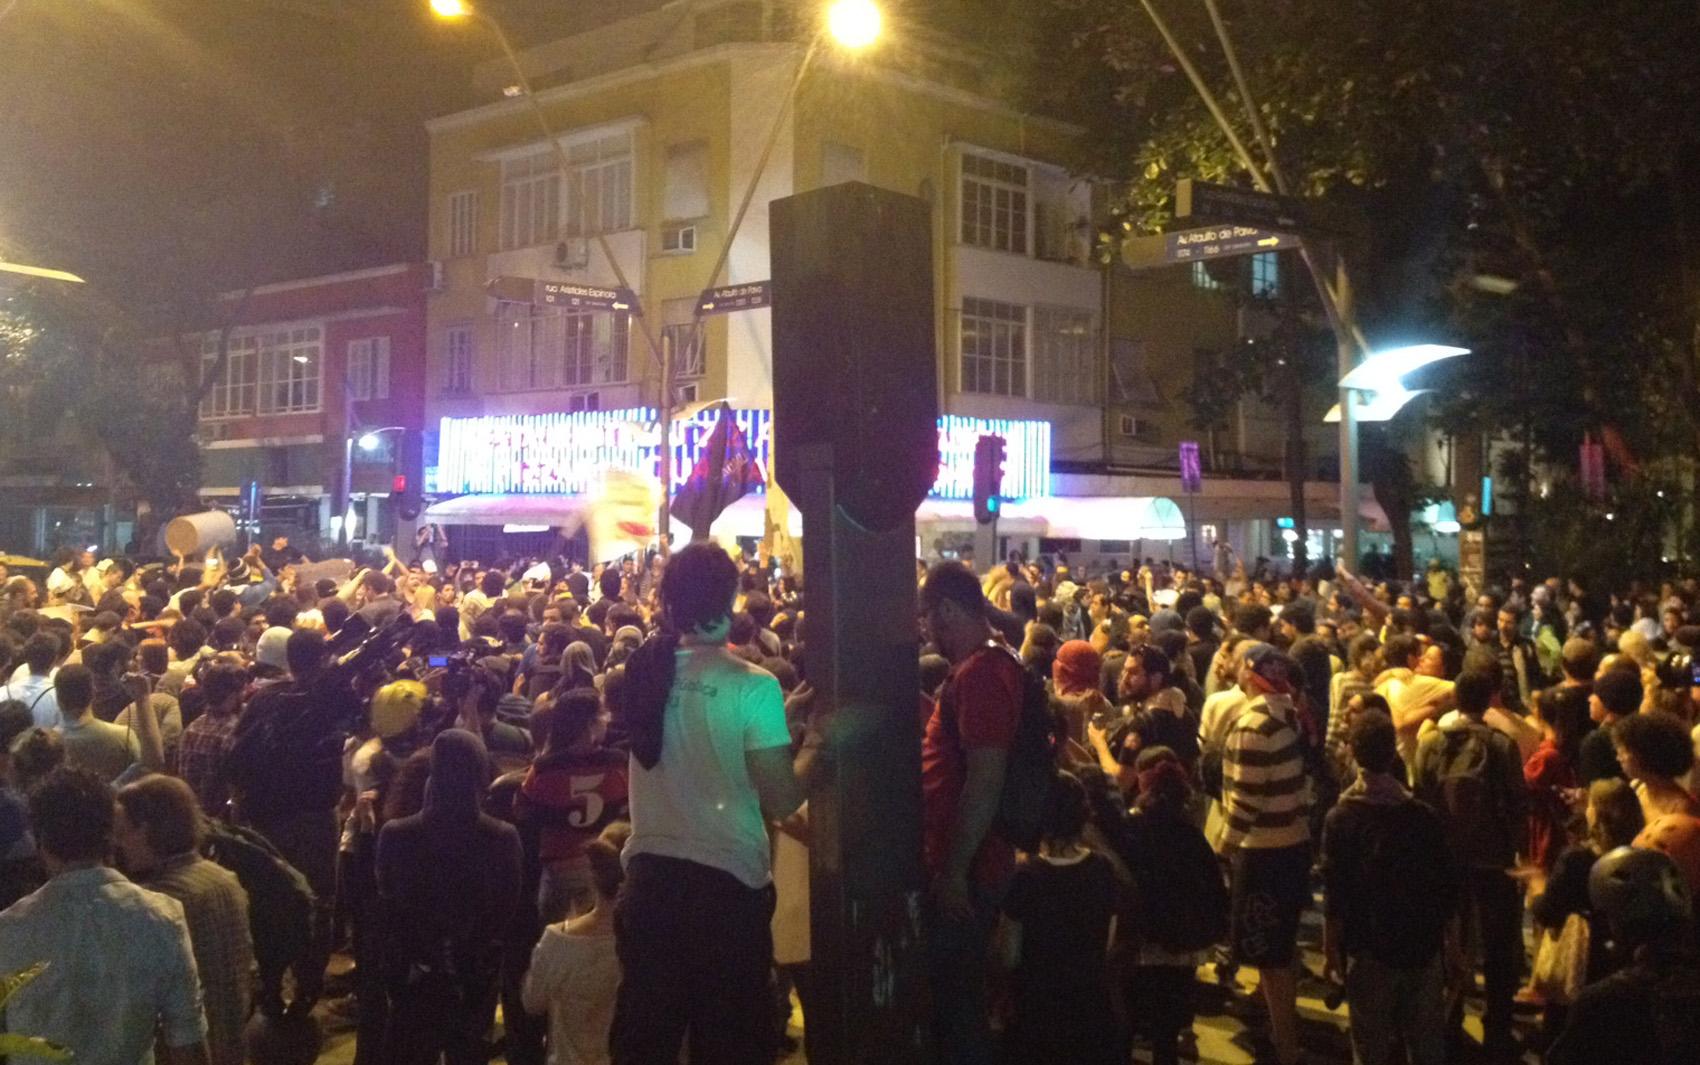 Minutos antes do confronto, esquinas das ruas Aristides Espínola e Ataulfo de Paiva estavam repletas de manifestantes